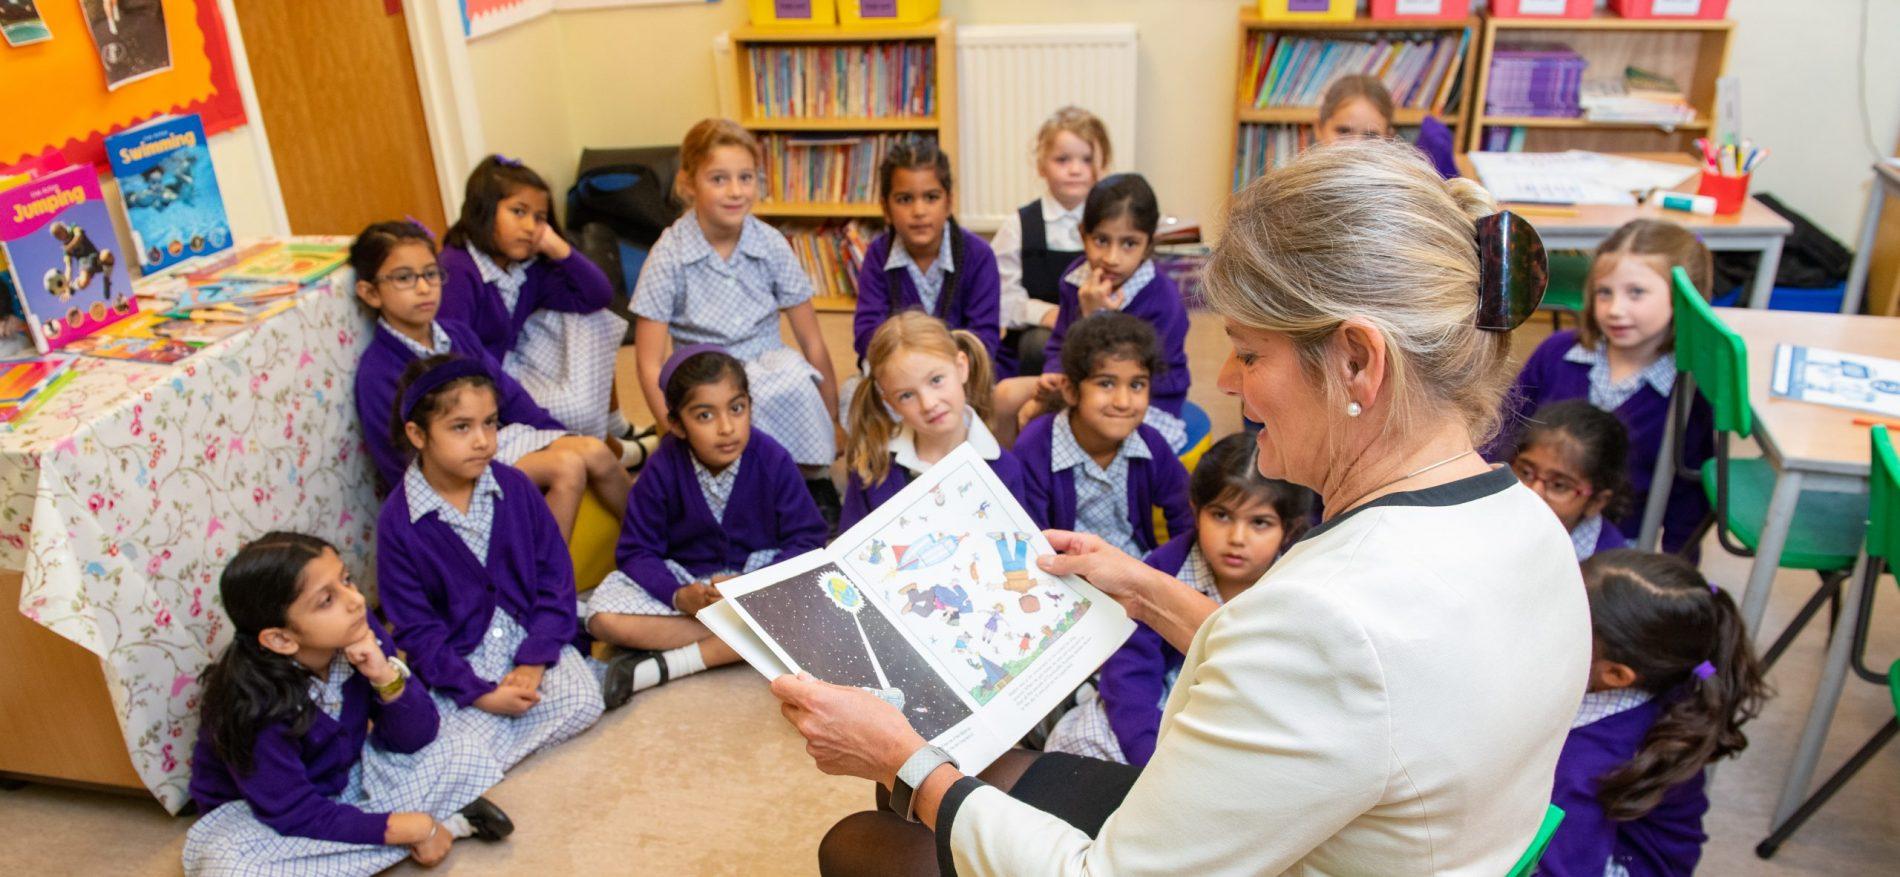 EYFS Class storytime